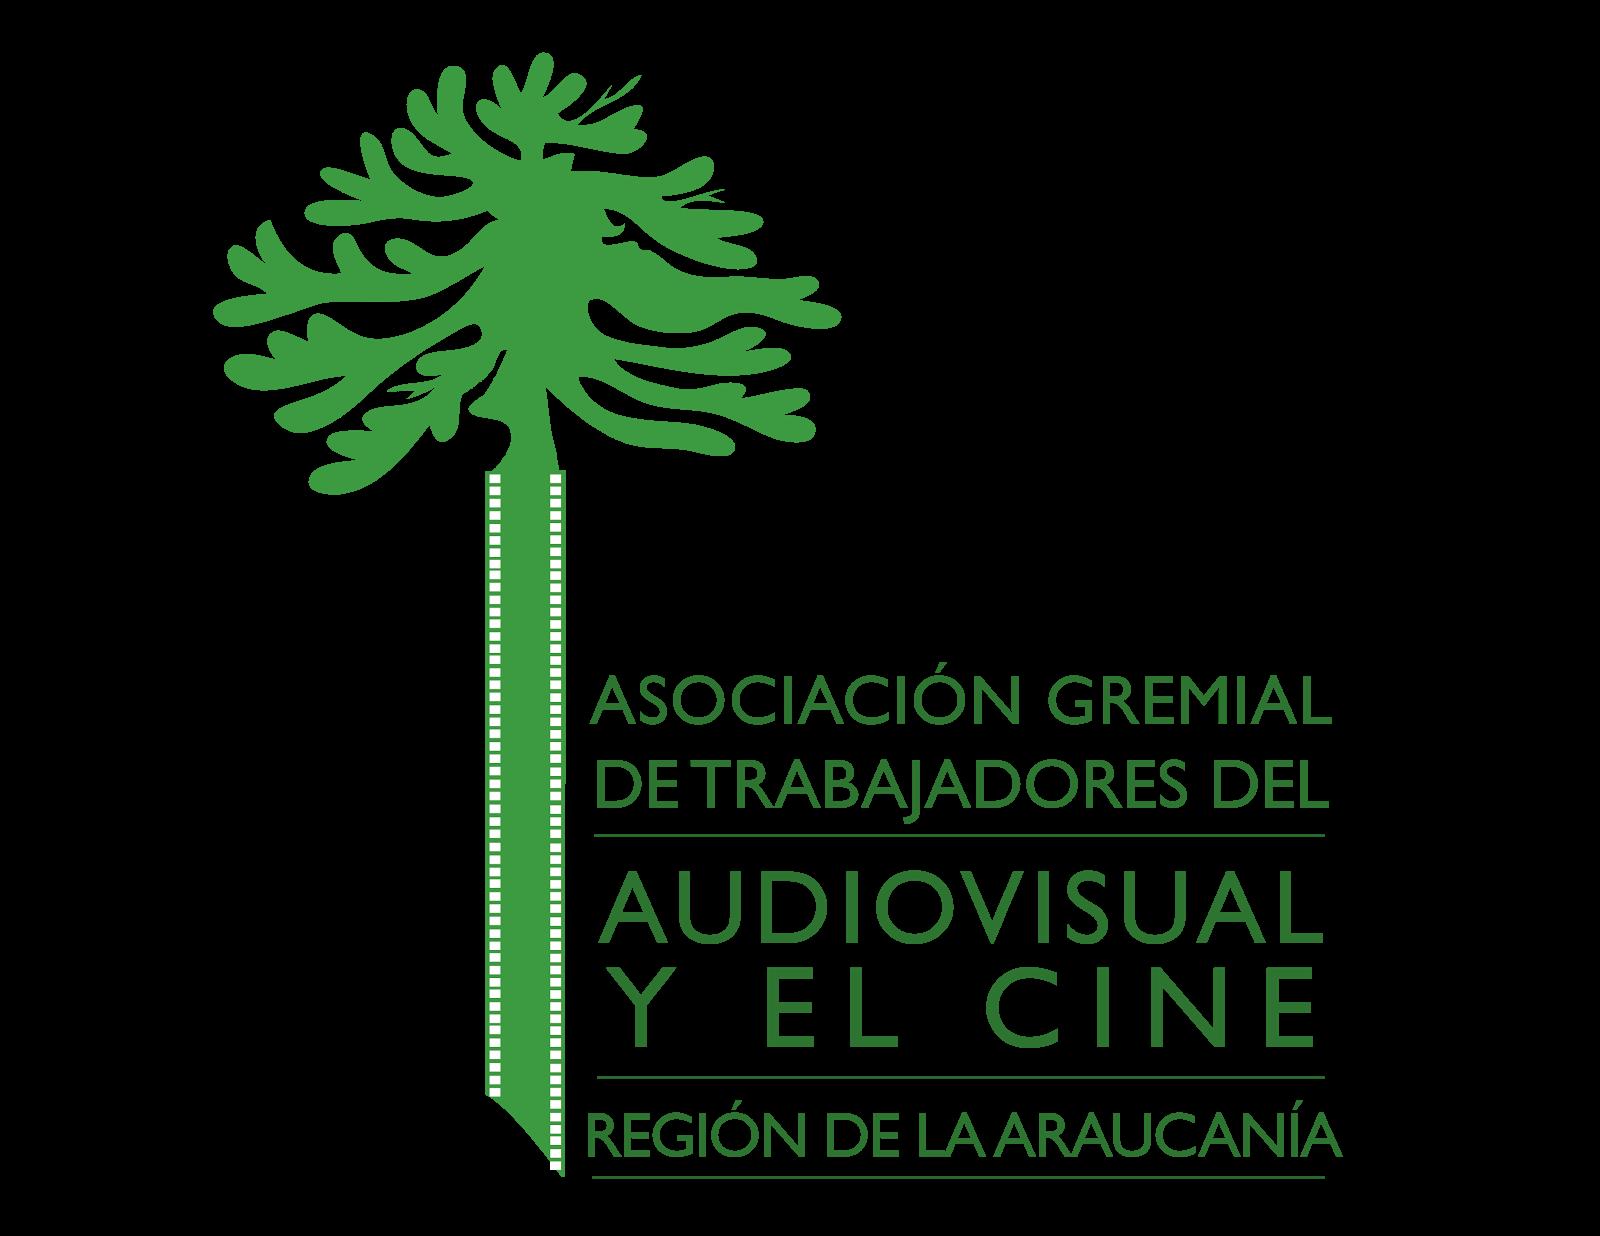 Trac Araucanía AG